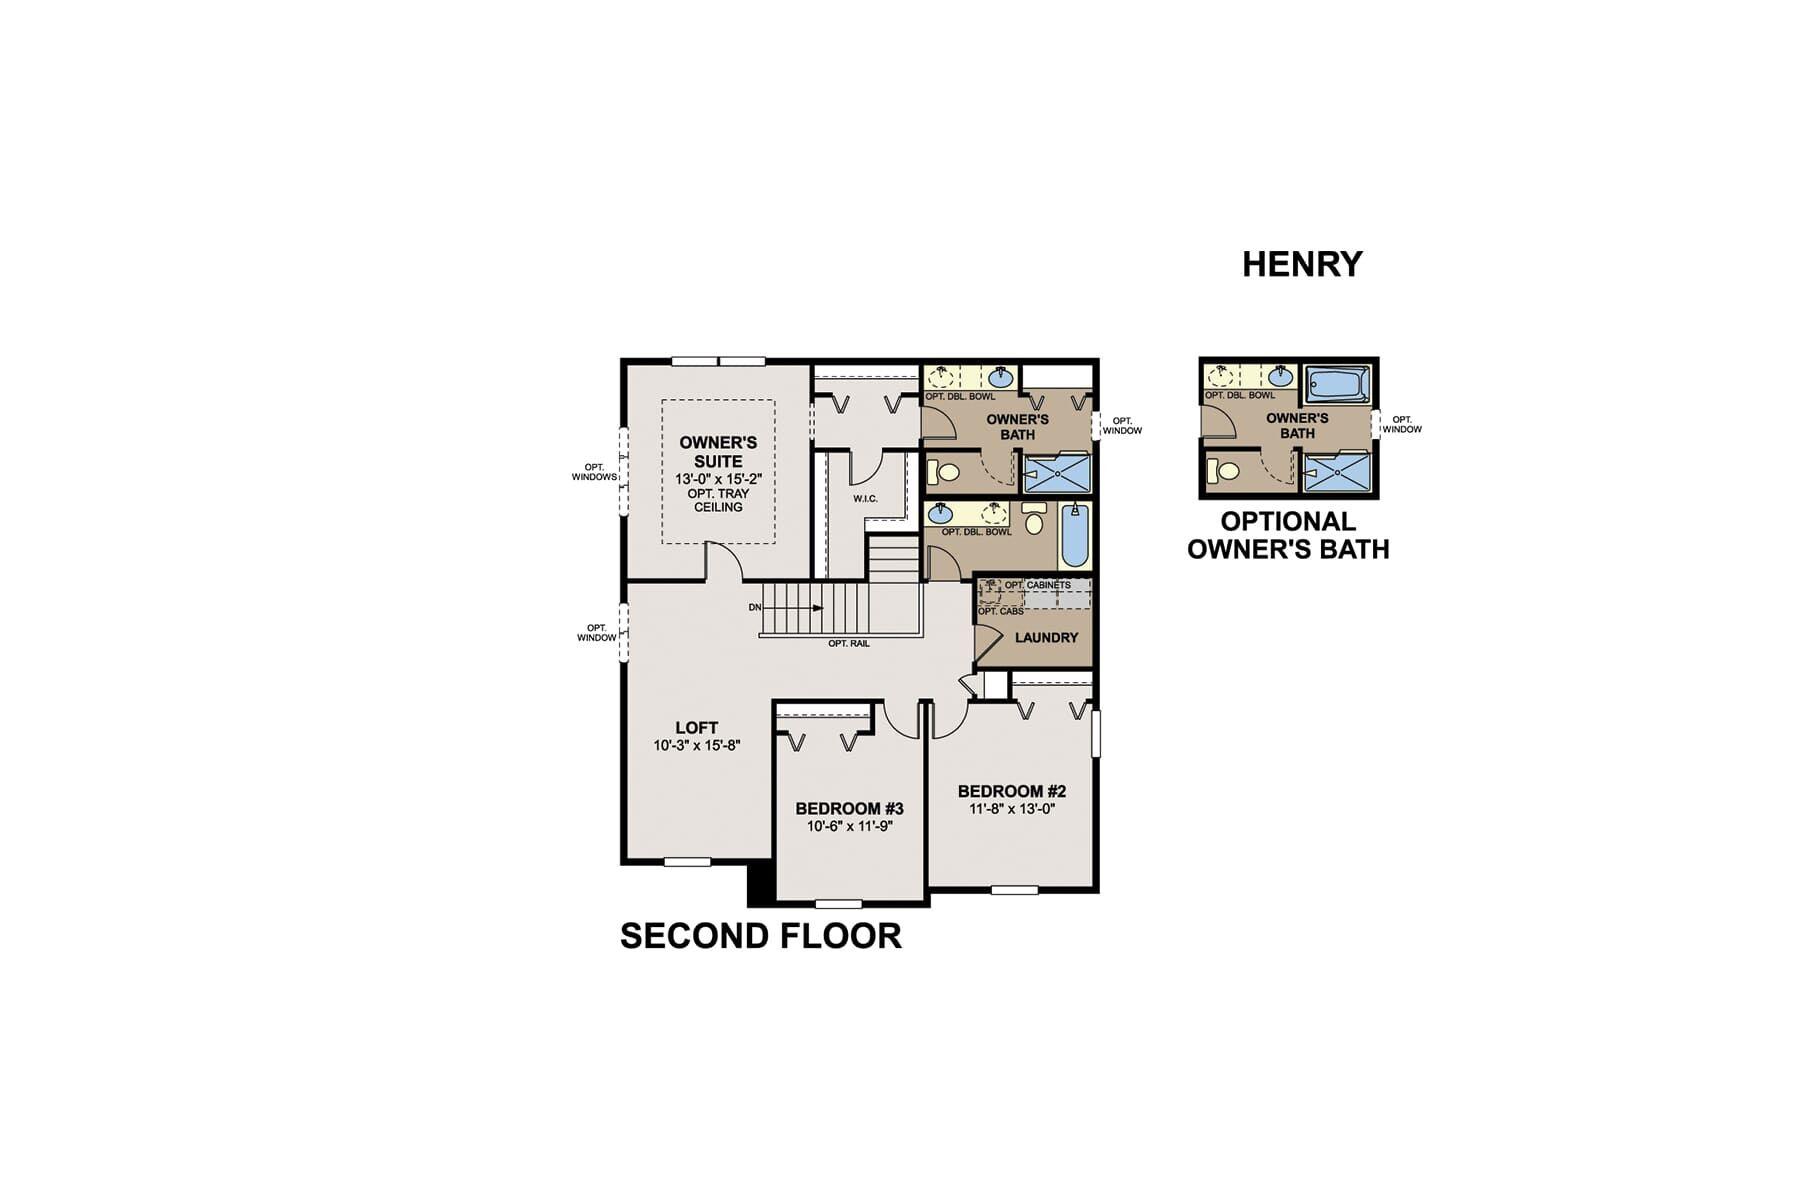 Henry Second Floor